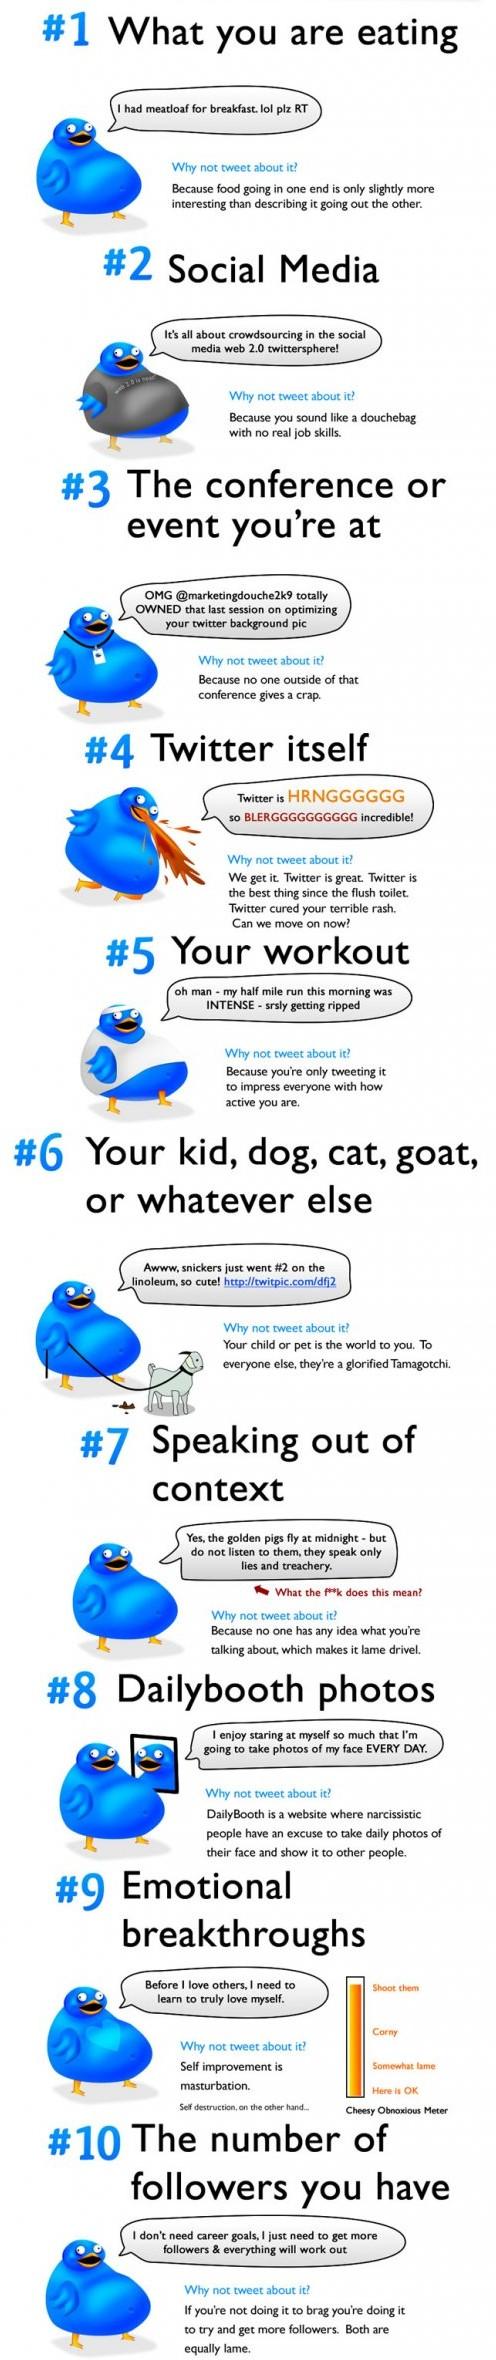 10 choses que vous ne devriez pas tweeter